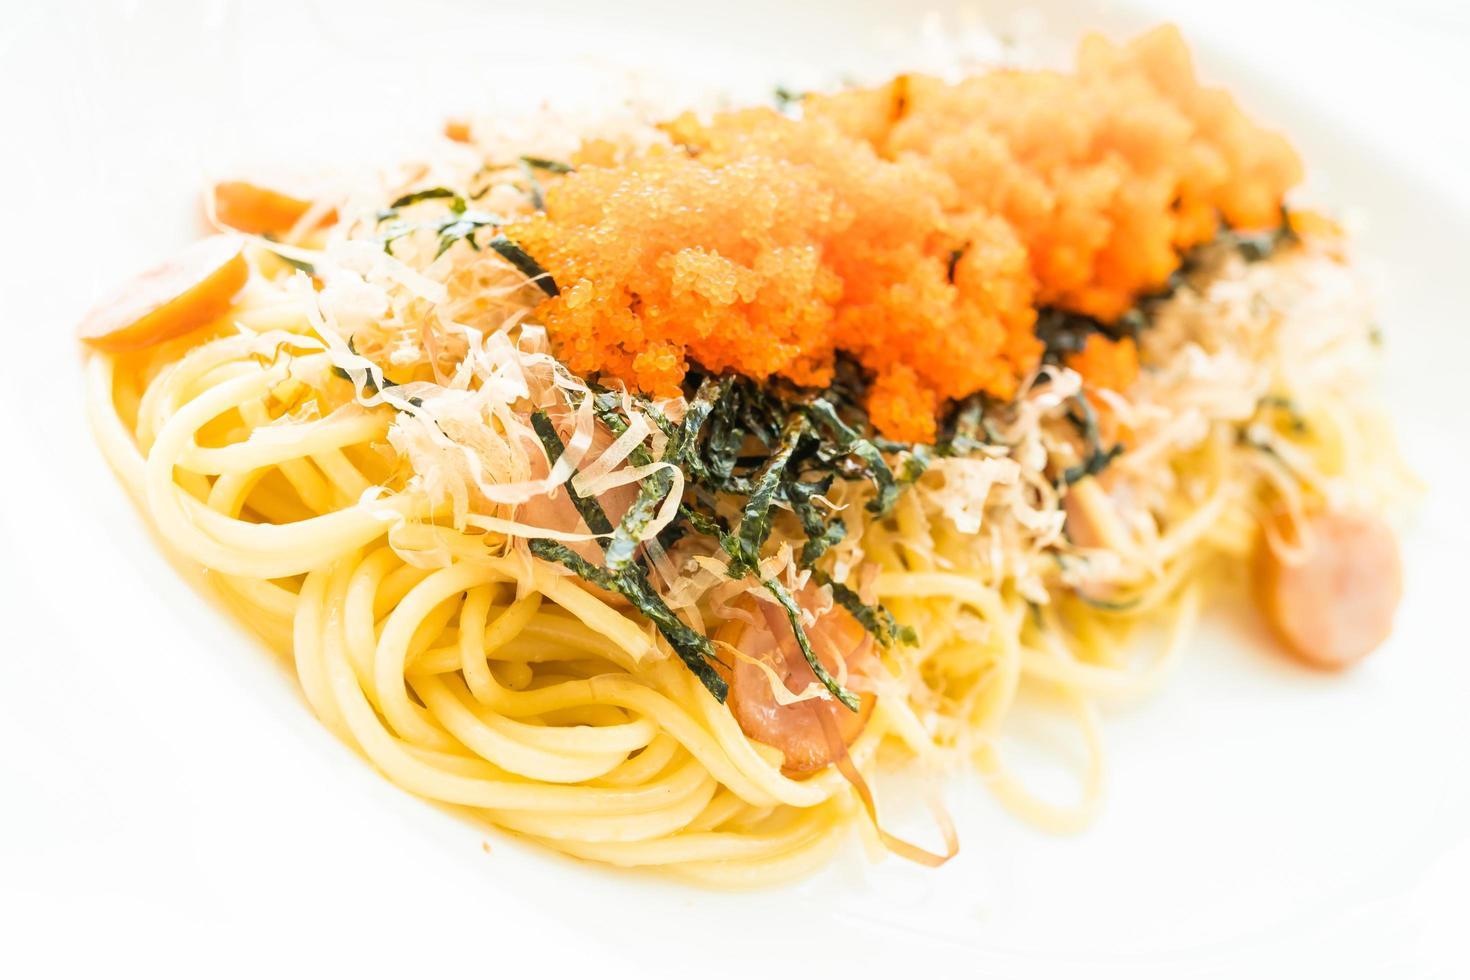 spaghetti met worst, garnalenei, zeewier, droge inktvis bovenop foto